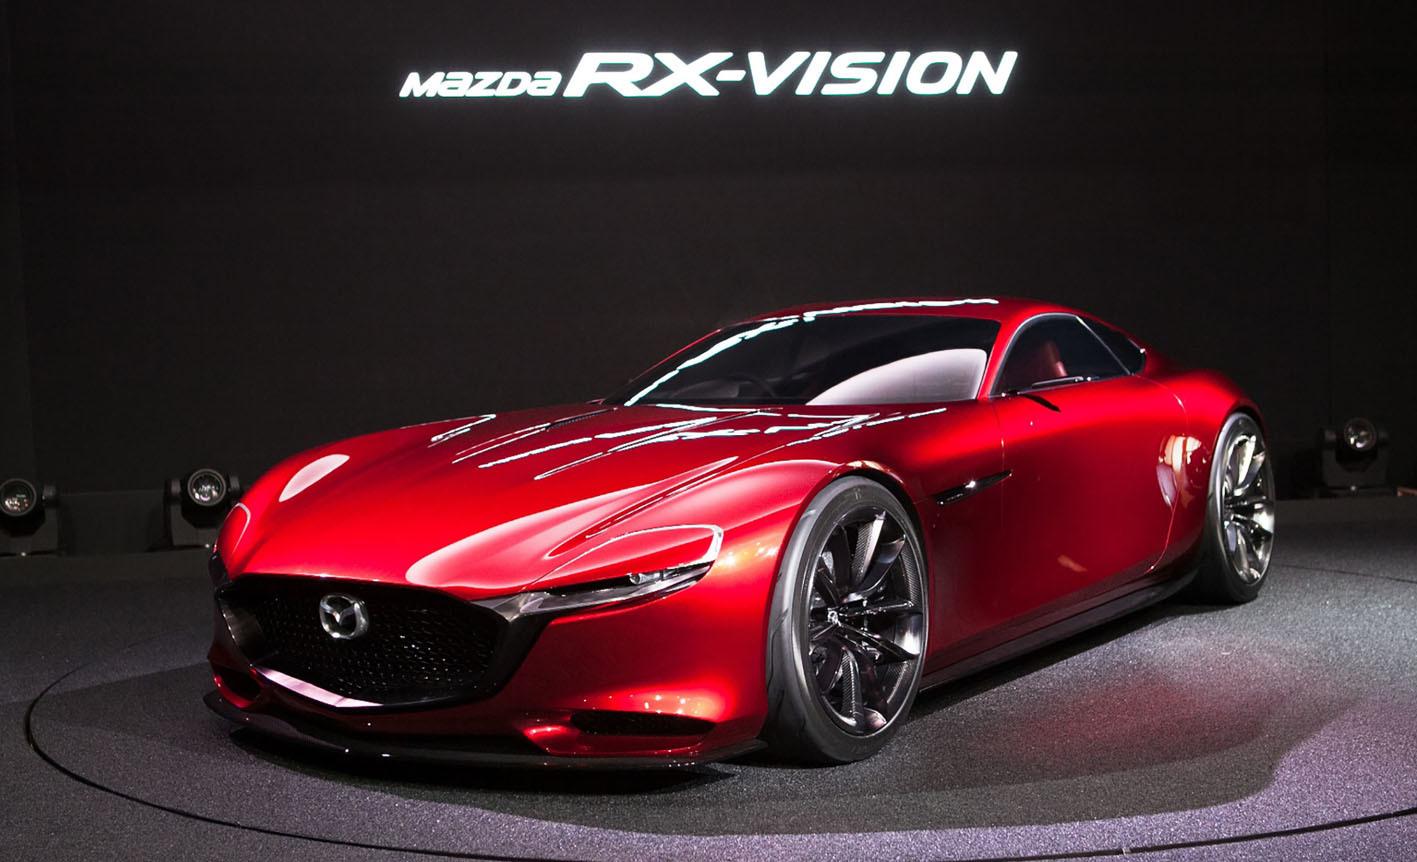 こちらは2015年の東京モーターショーに出品された「RX-VISION」。ロータリーエンジンを搭載して市販……つまりRX-7の後継車として期待された